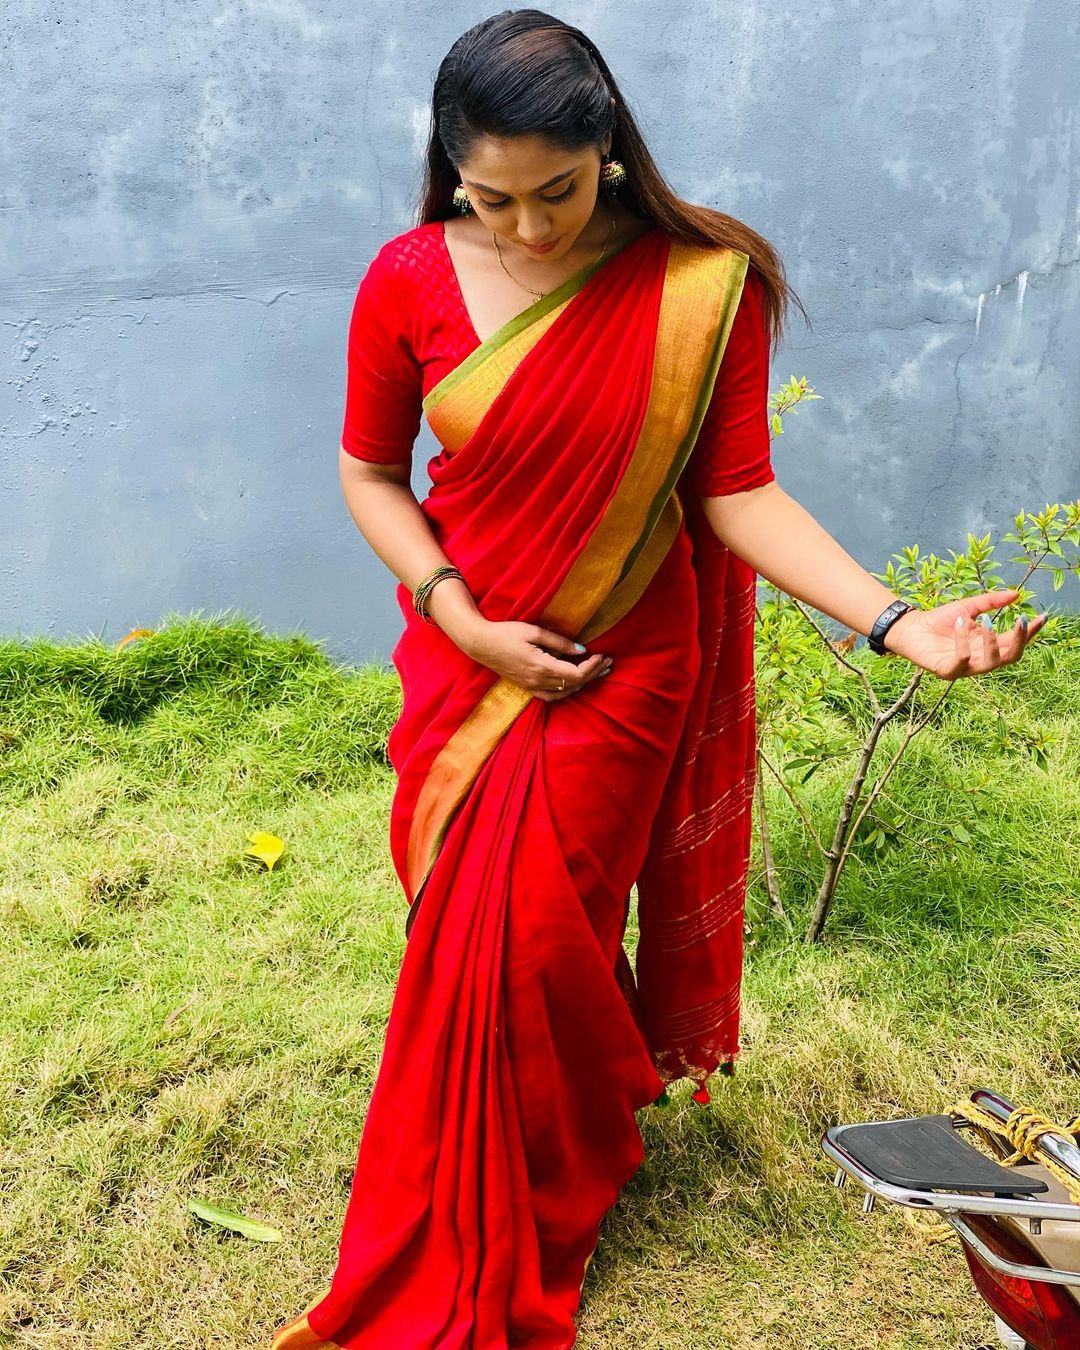 நடிகை ஸ்ரீத்து கிருஷ்ணன் ( Image: Instagram @sreethu_krishnan )